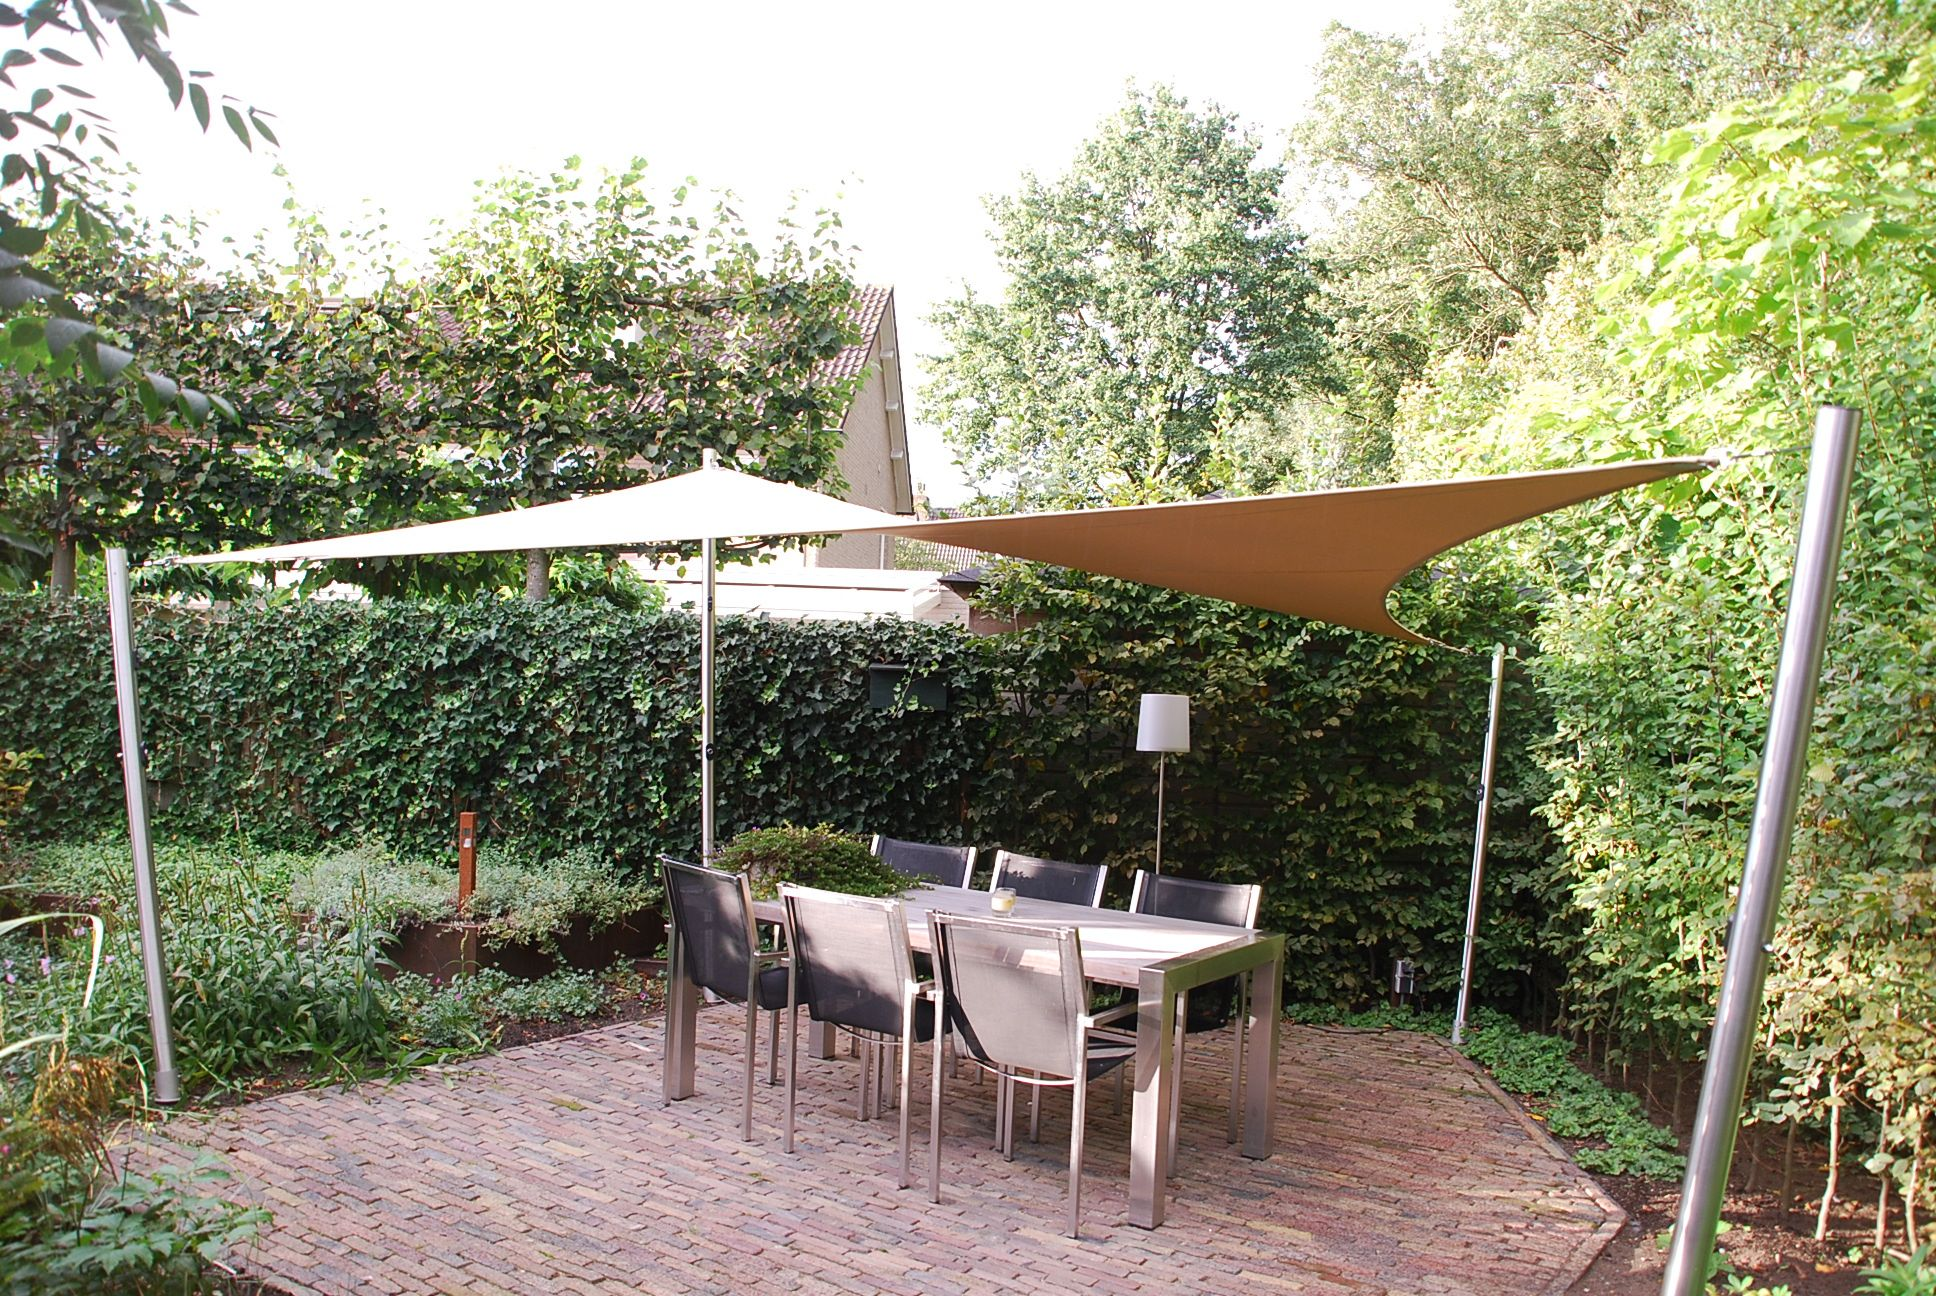 Vrijstaande terrasoverkapping op maat gemaakt for Huis waterdicht maken